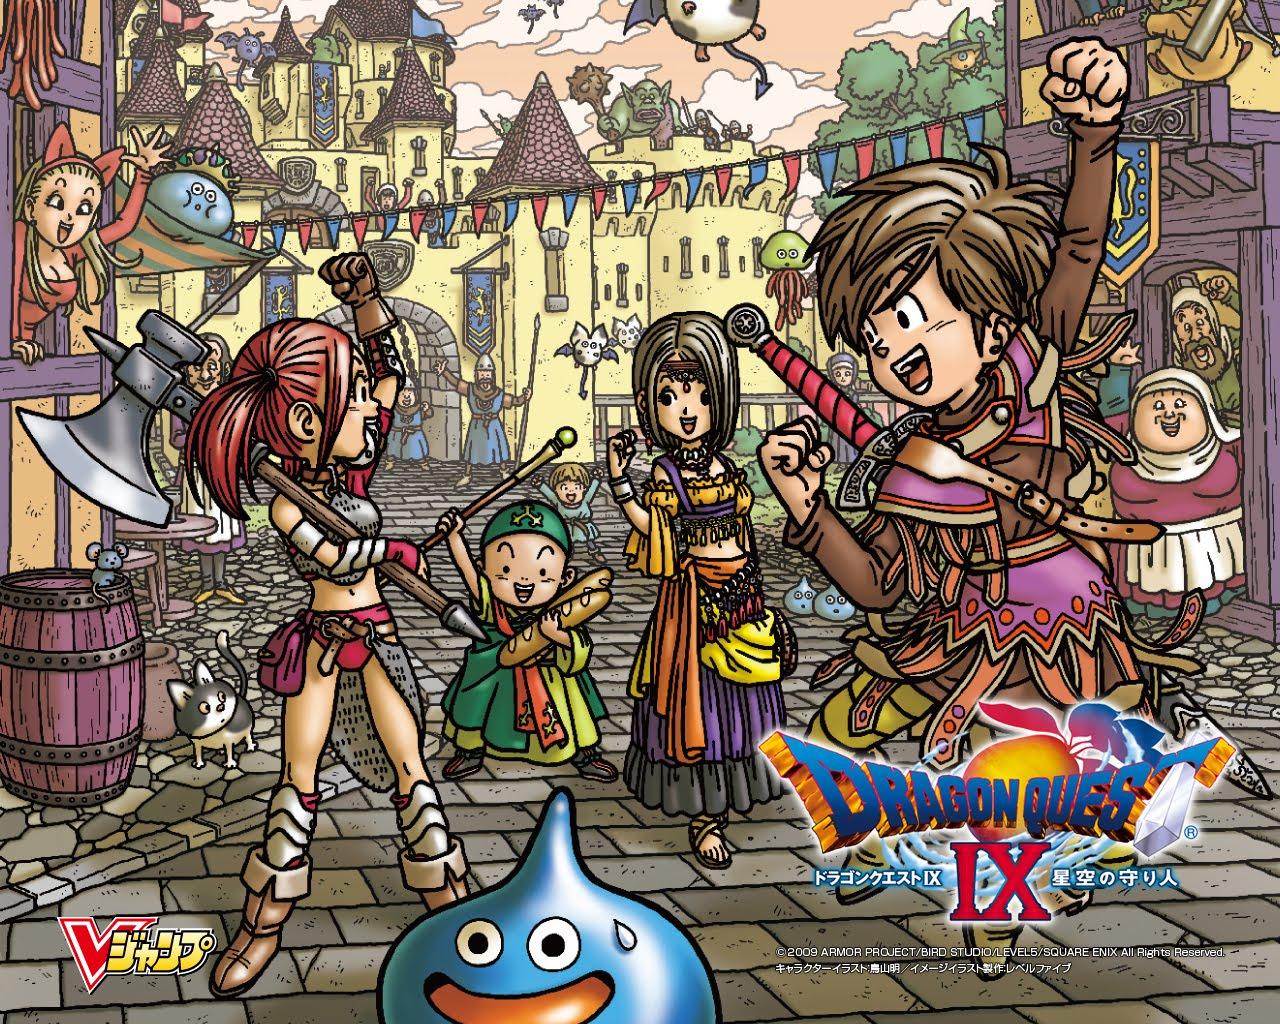 http://3.bp.blogspot.com/_c4wWJcENTC4/TEuGAHx1xTI/AAAAAAAAEVM/fByqznWt3Pw/s1600/dragon-quest-ix-wallpaper-5.jpg